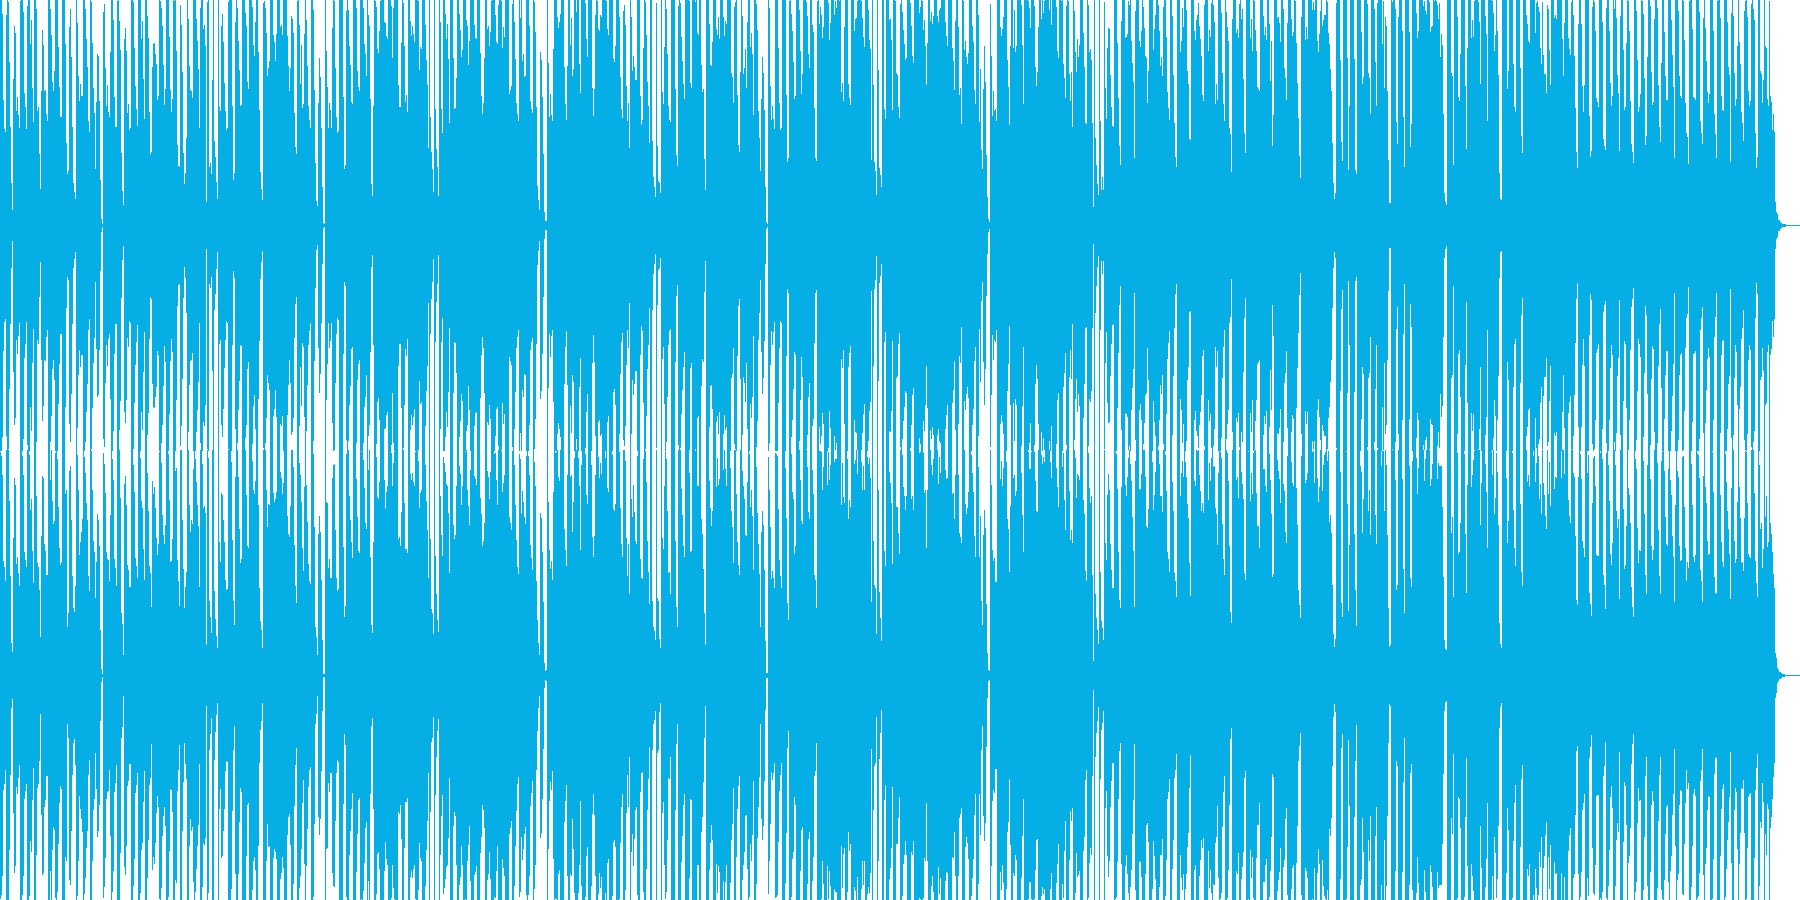 異質なポップギターの再生済みの波形